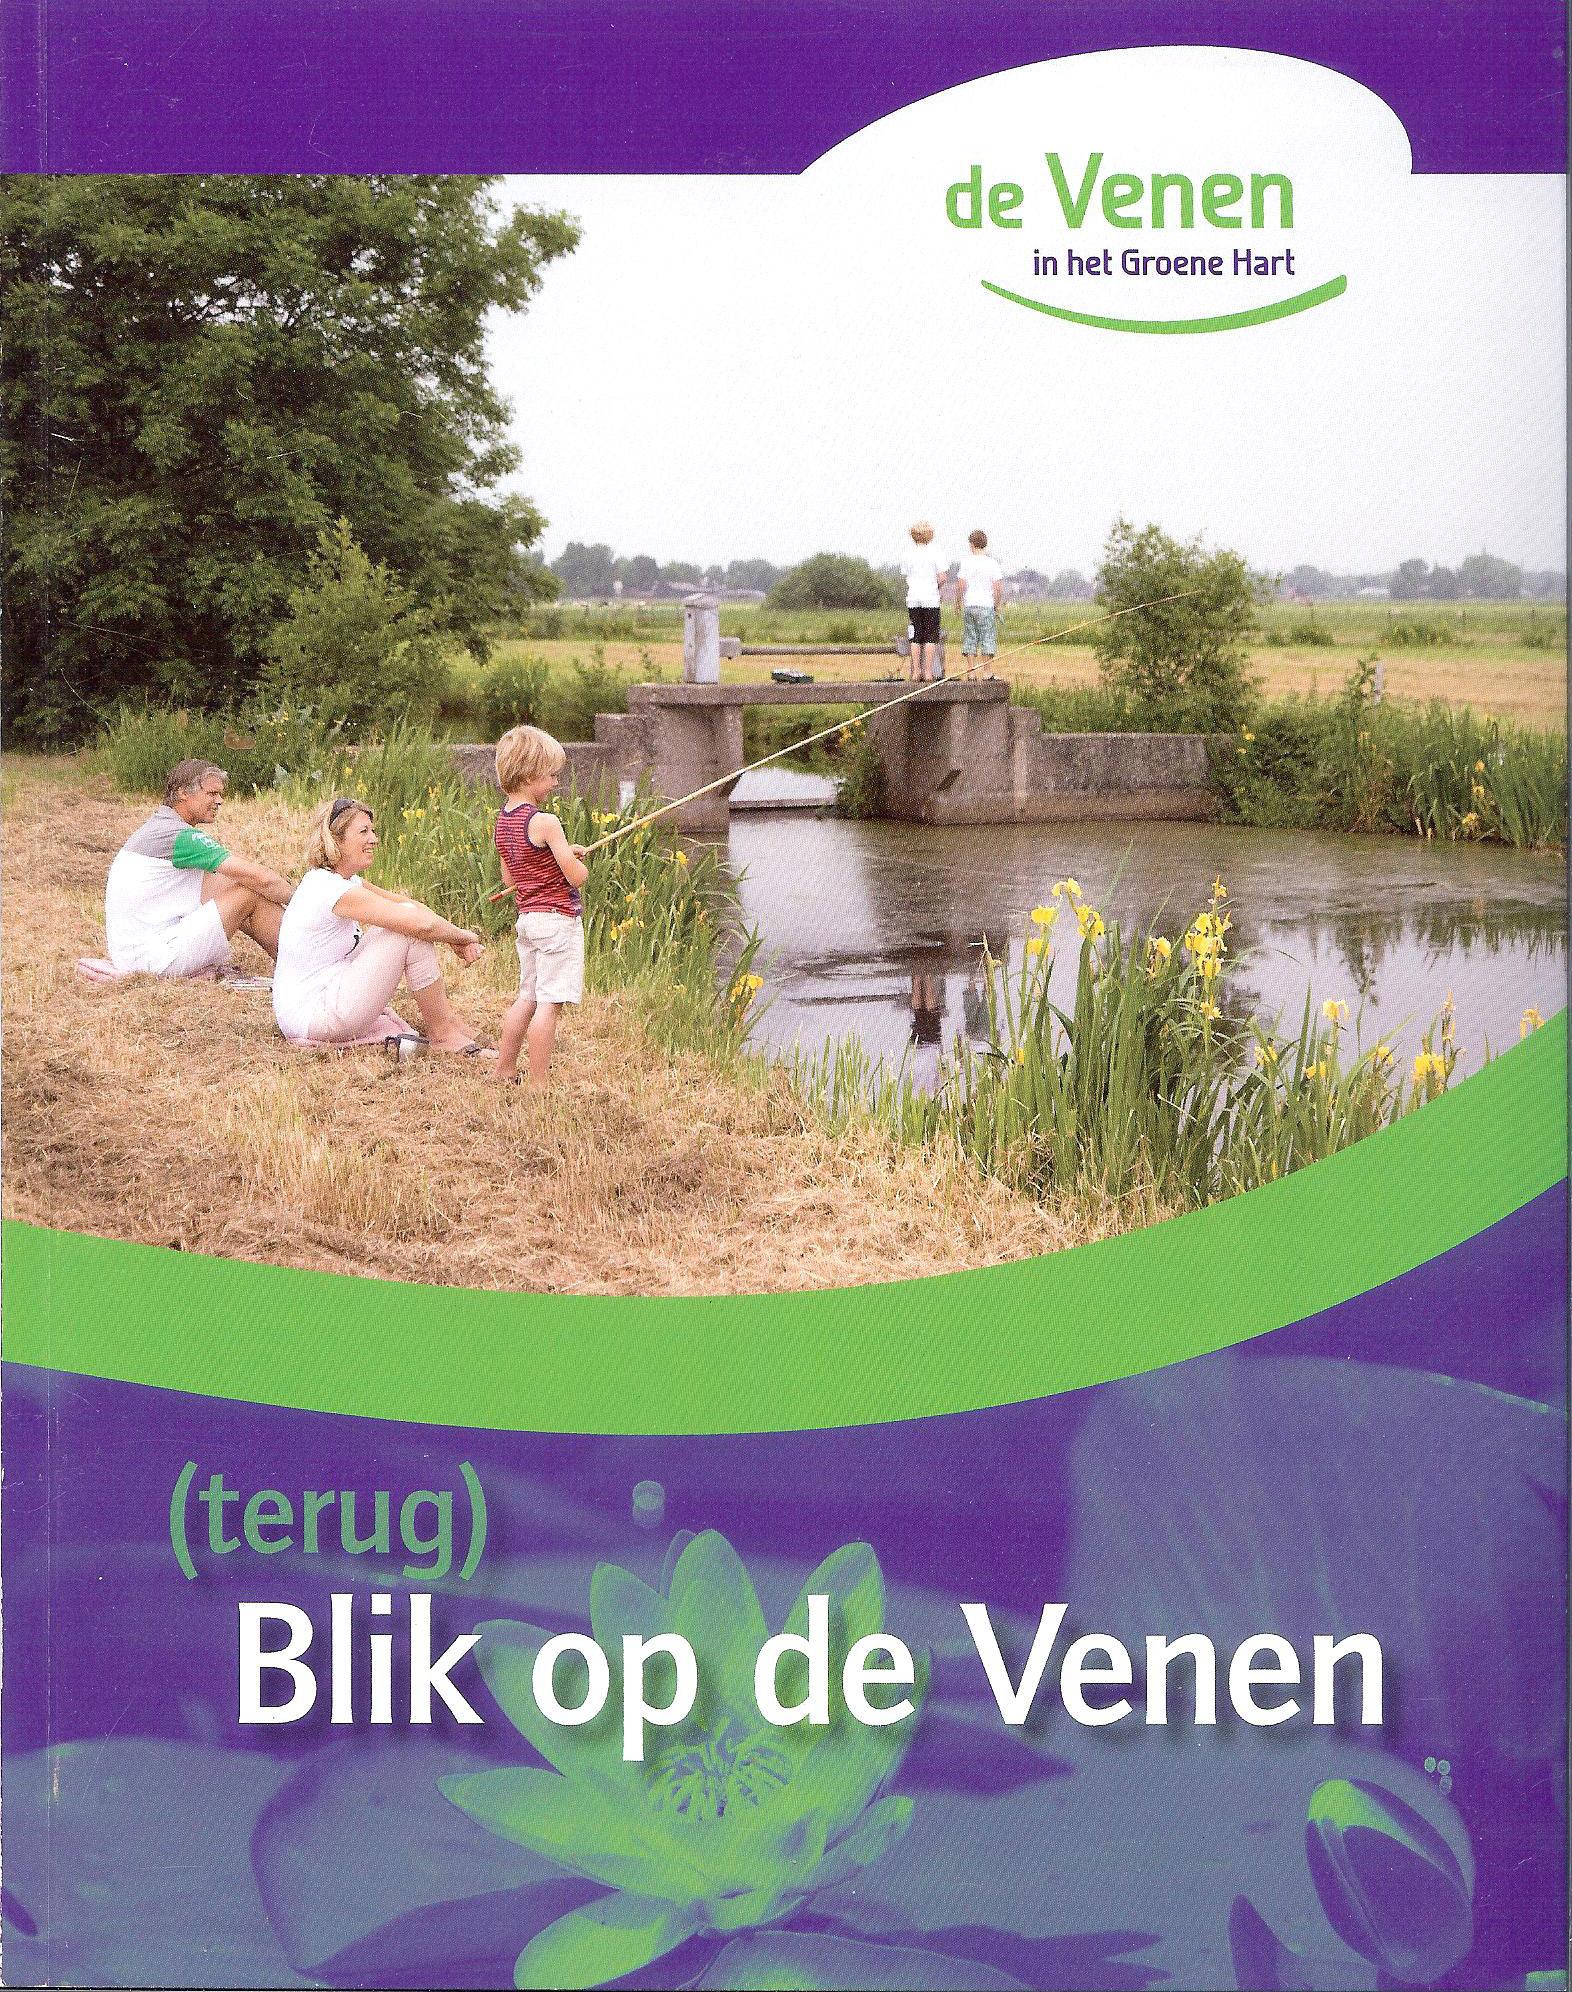 boerderij educatie rivierenland